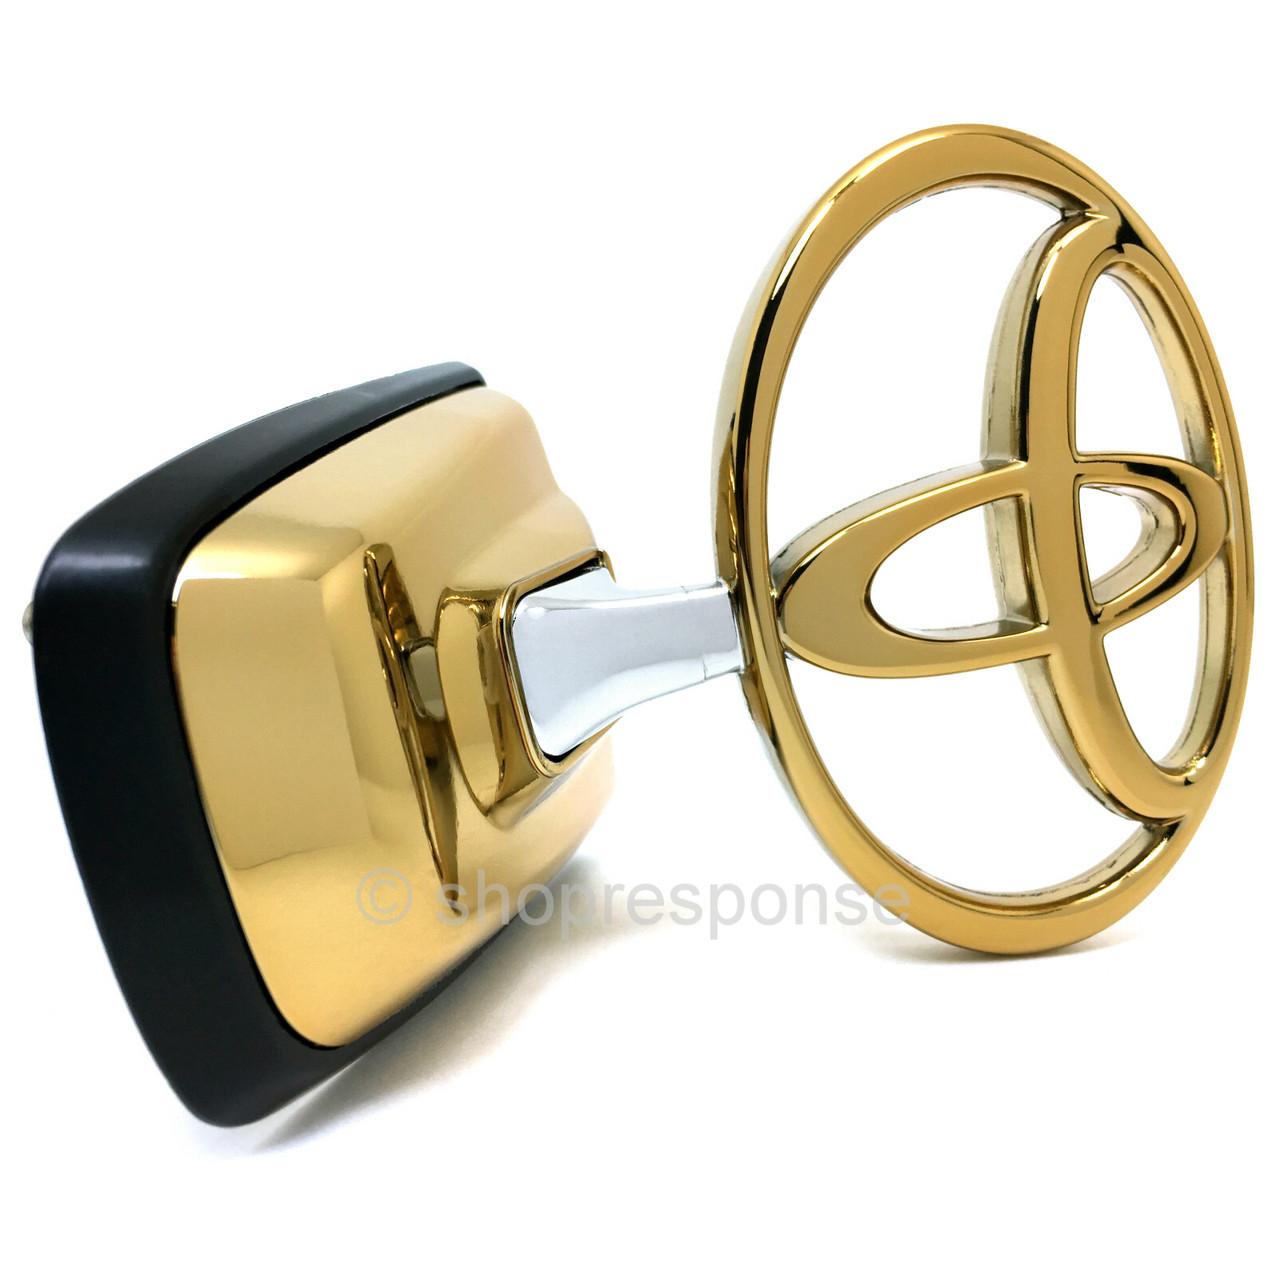 jdm toyota 98 07 land cruiser j100 front hood gold t emblem res. Black Bedroom Furniture Sets. Home Design Ideas